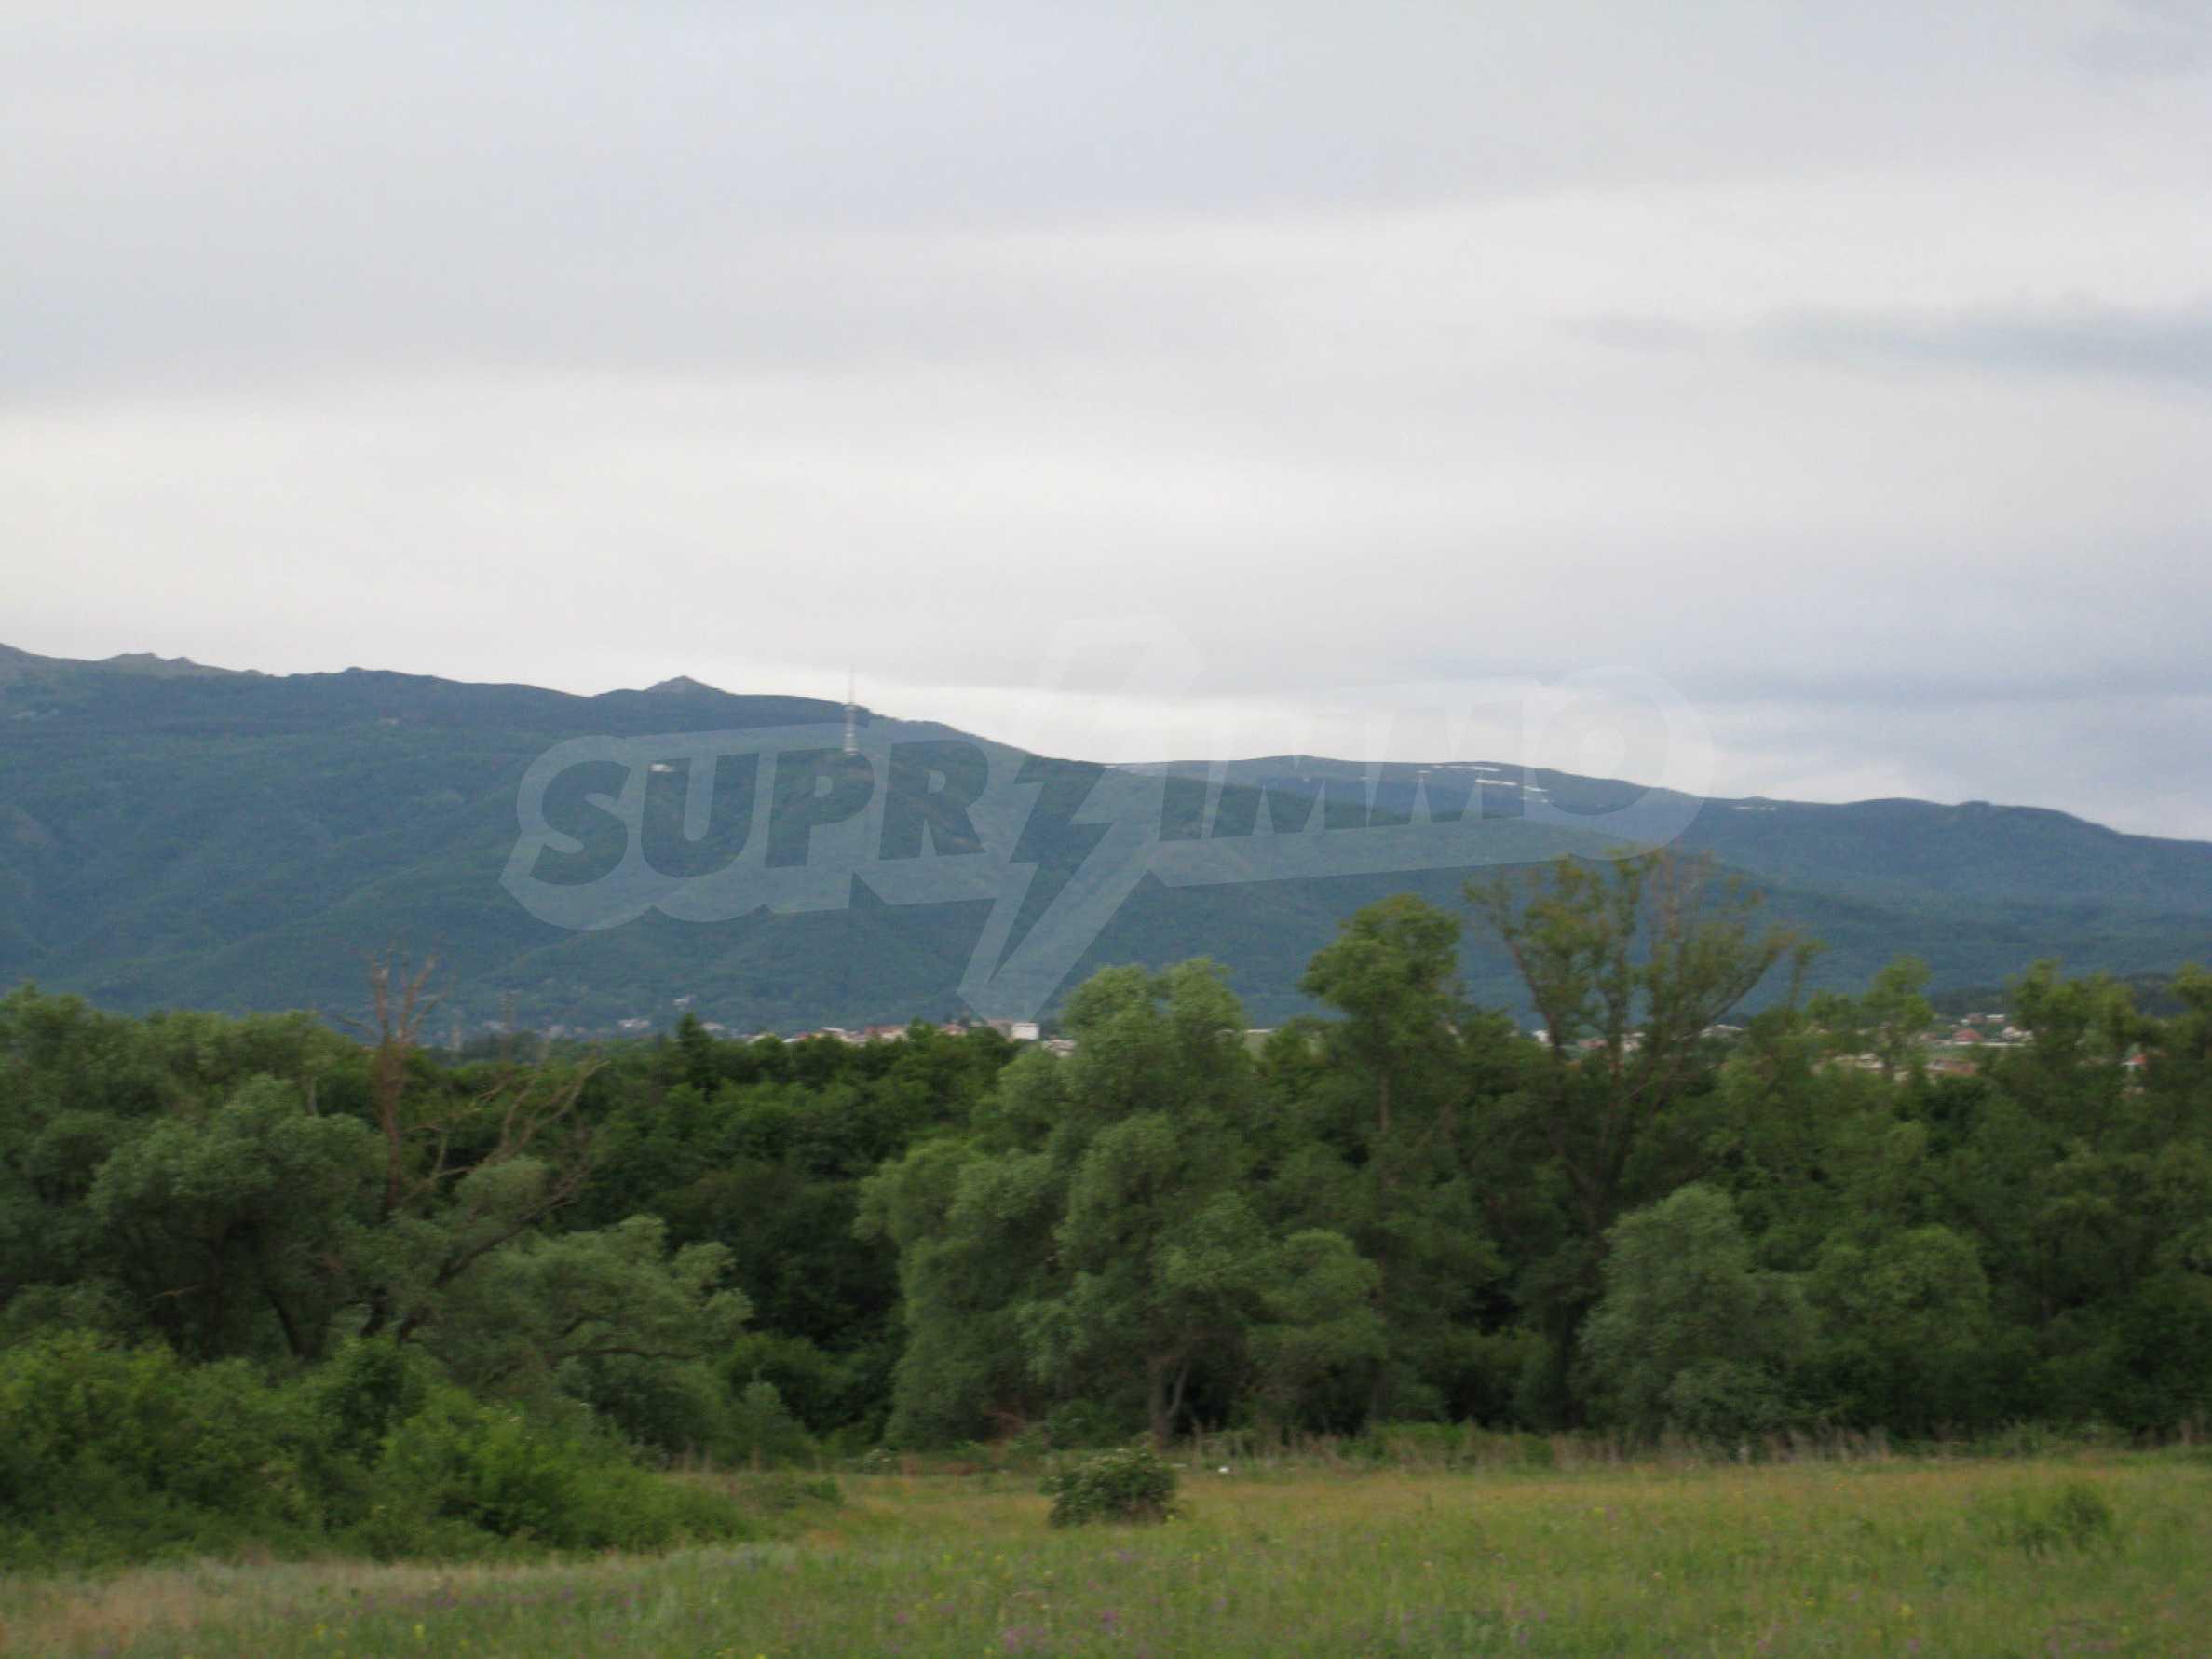 Ackerland in der Nähe eines Sees in Suhodol 7